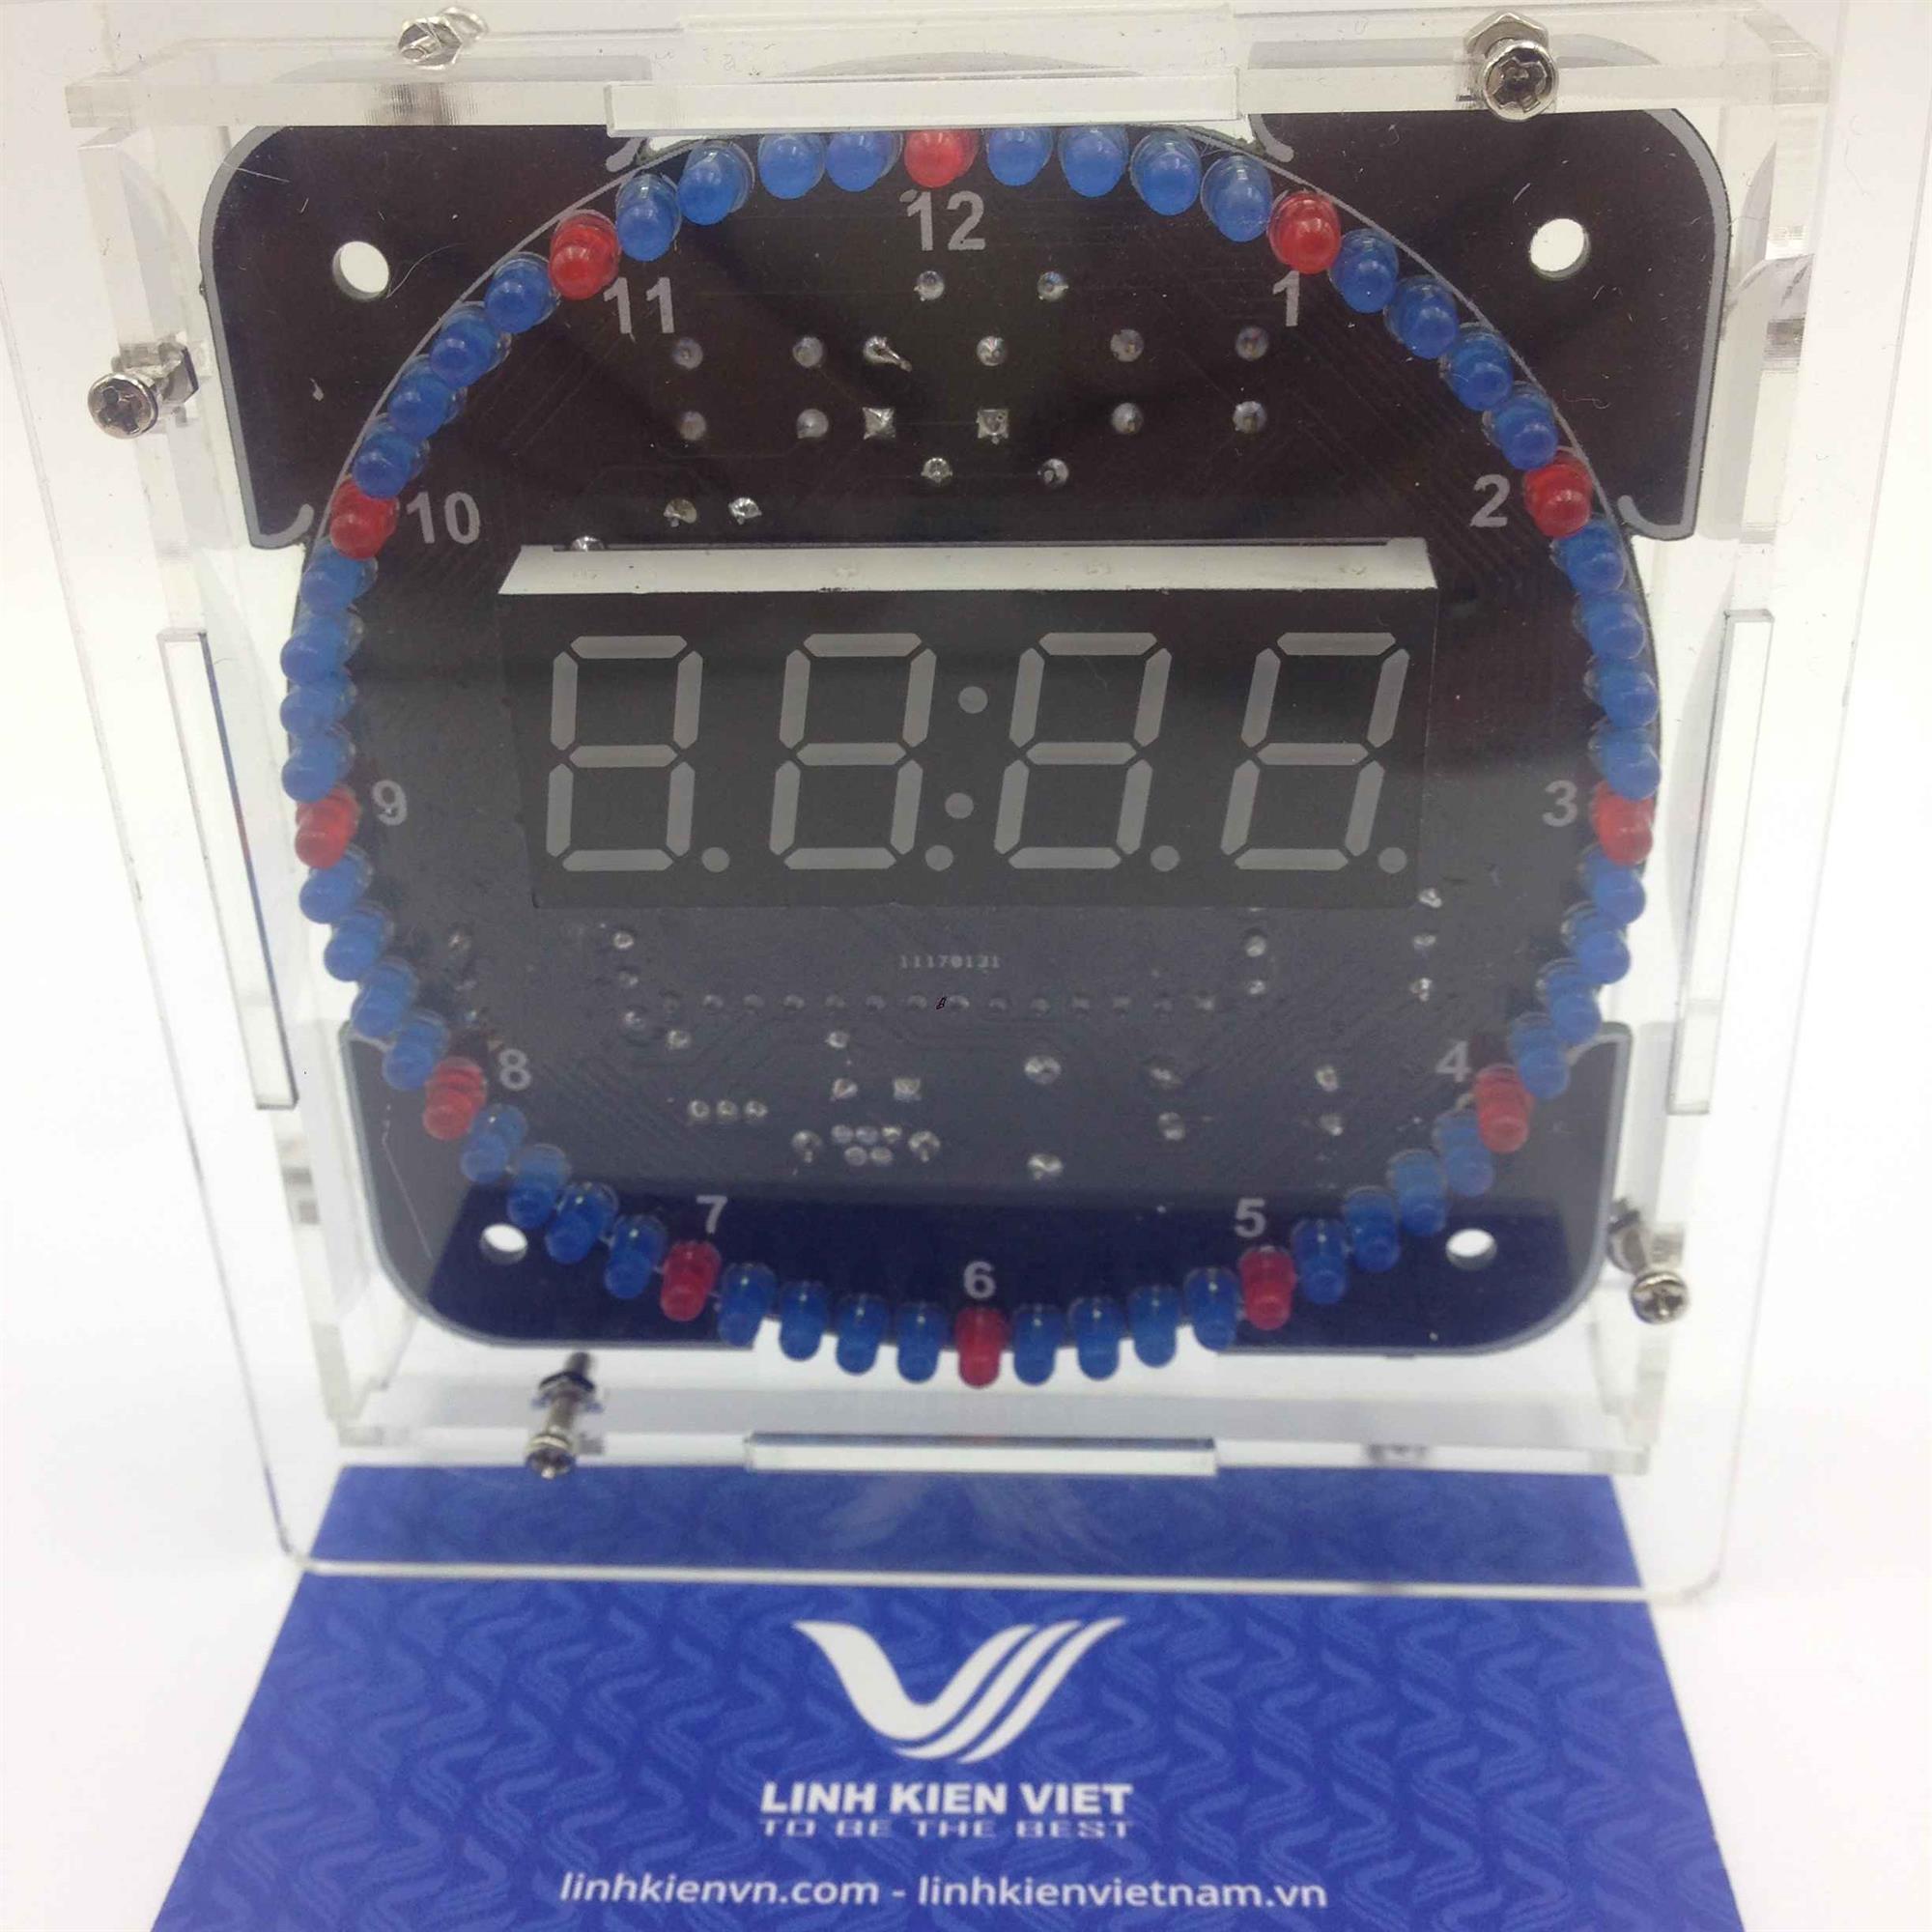 Đồng hồ điện tử trang trí tết nhiều hiệu ứng